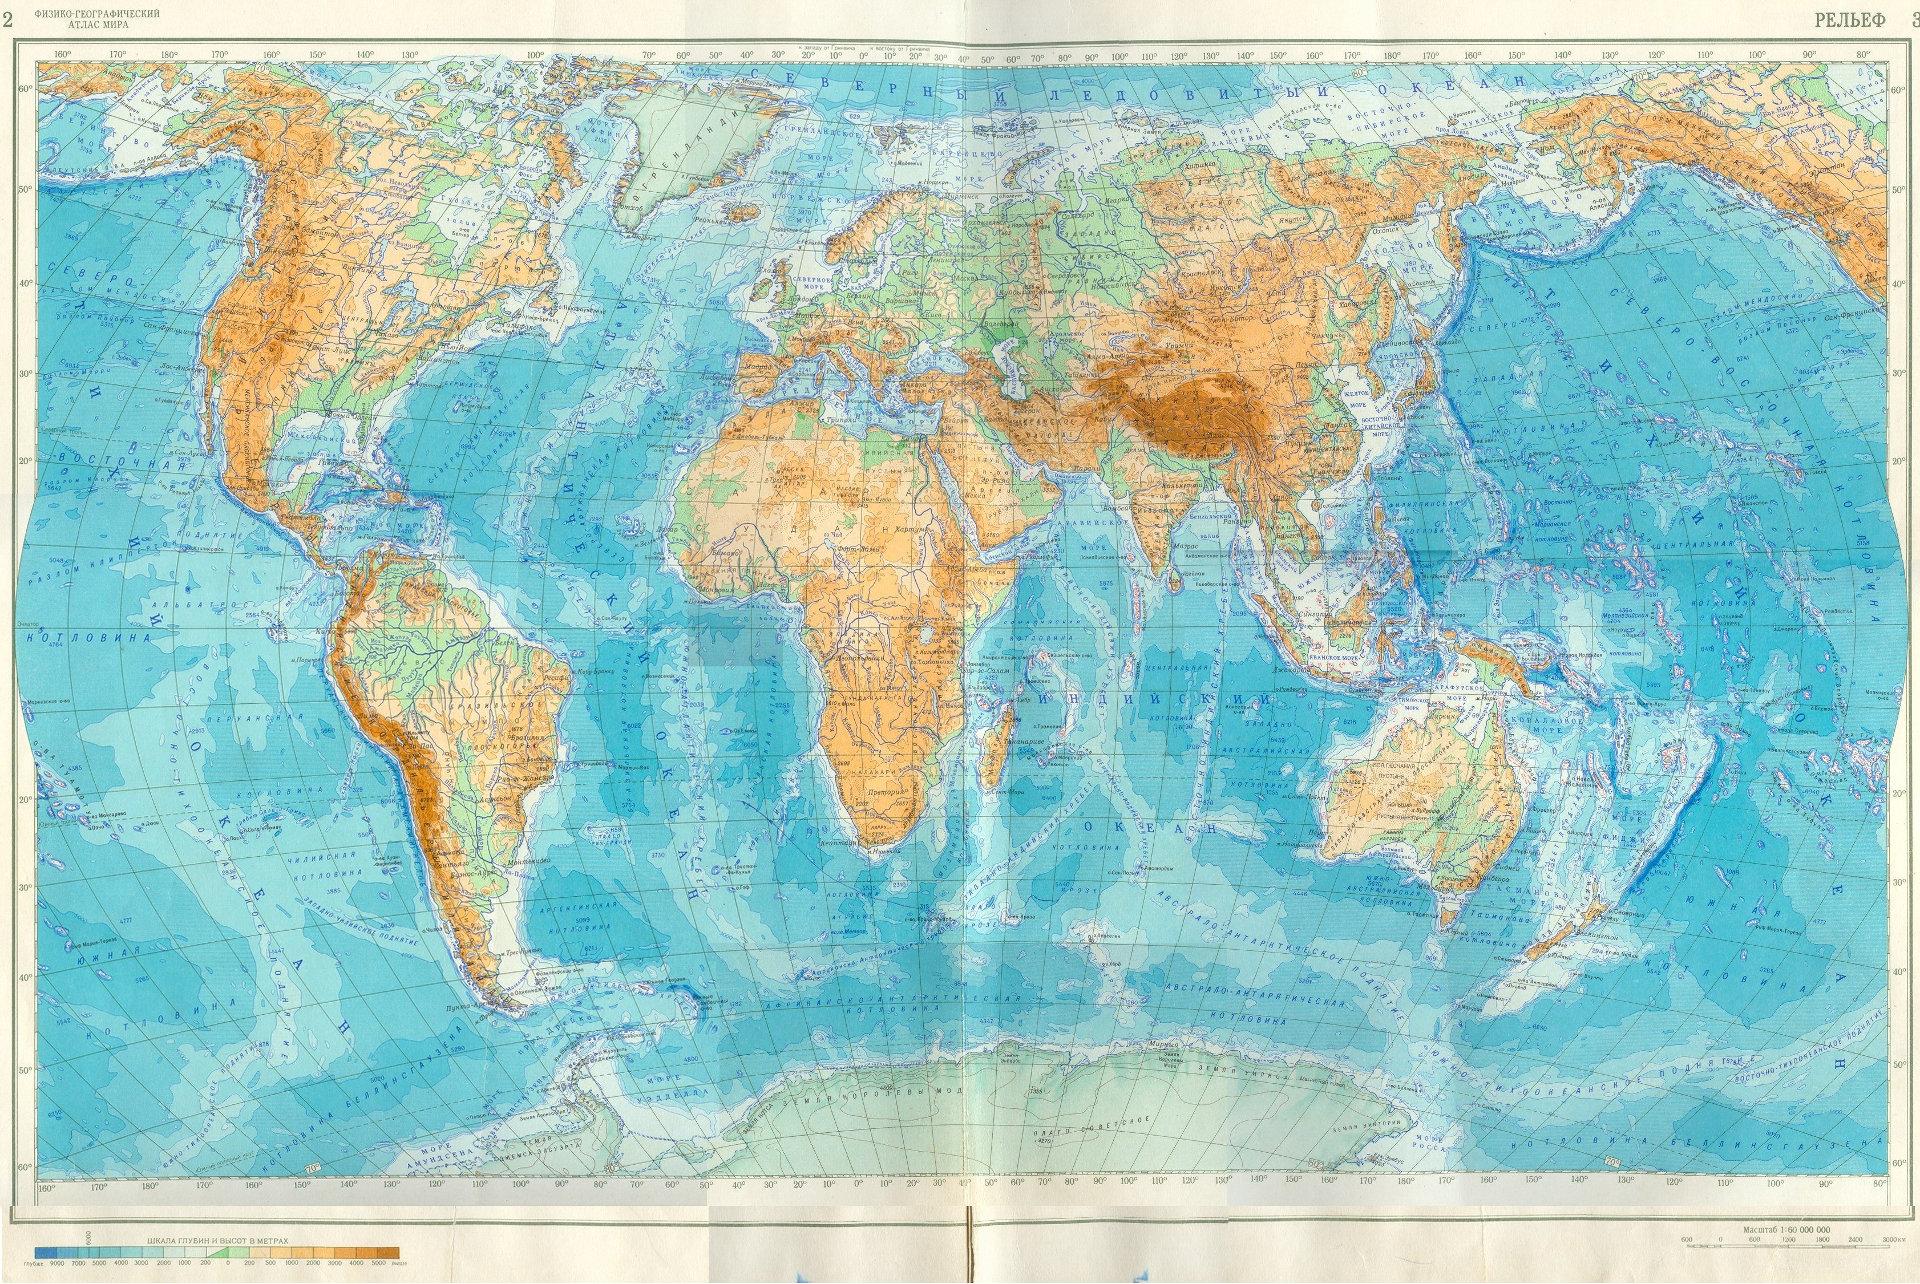 Aka Je Zemepisna Sirka A Dĺzka Objektu Vysvetlenie A Urcenie